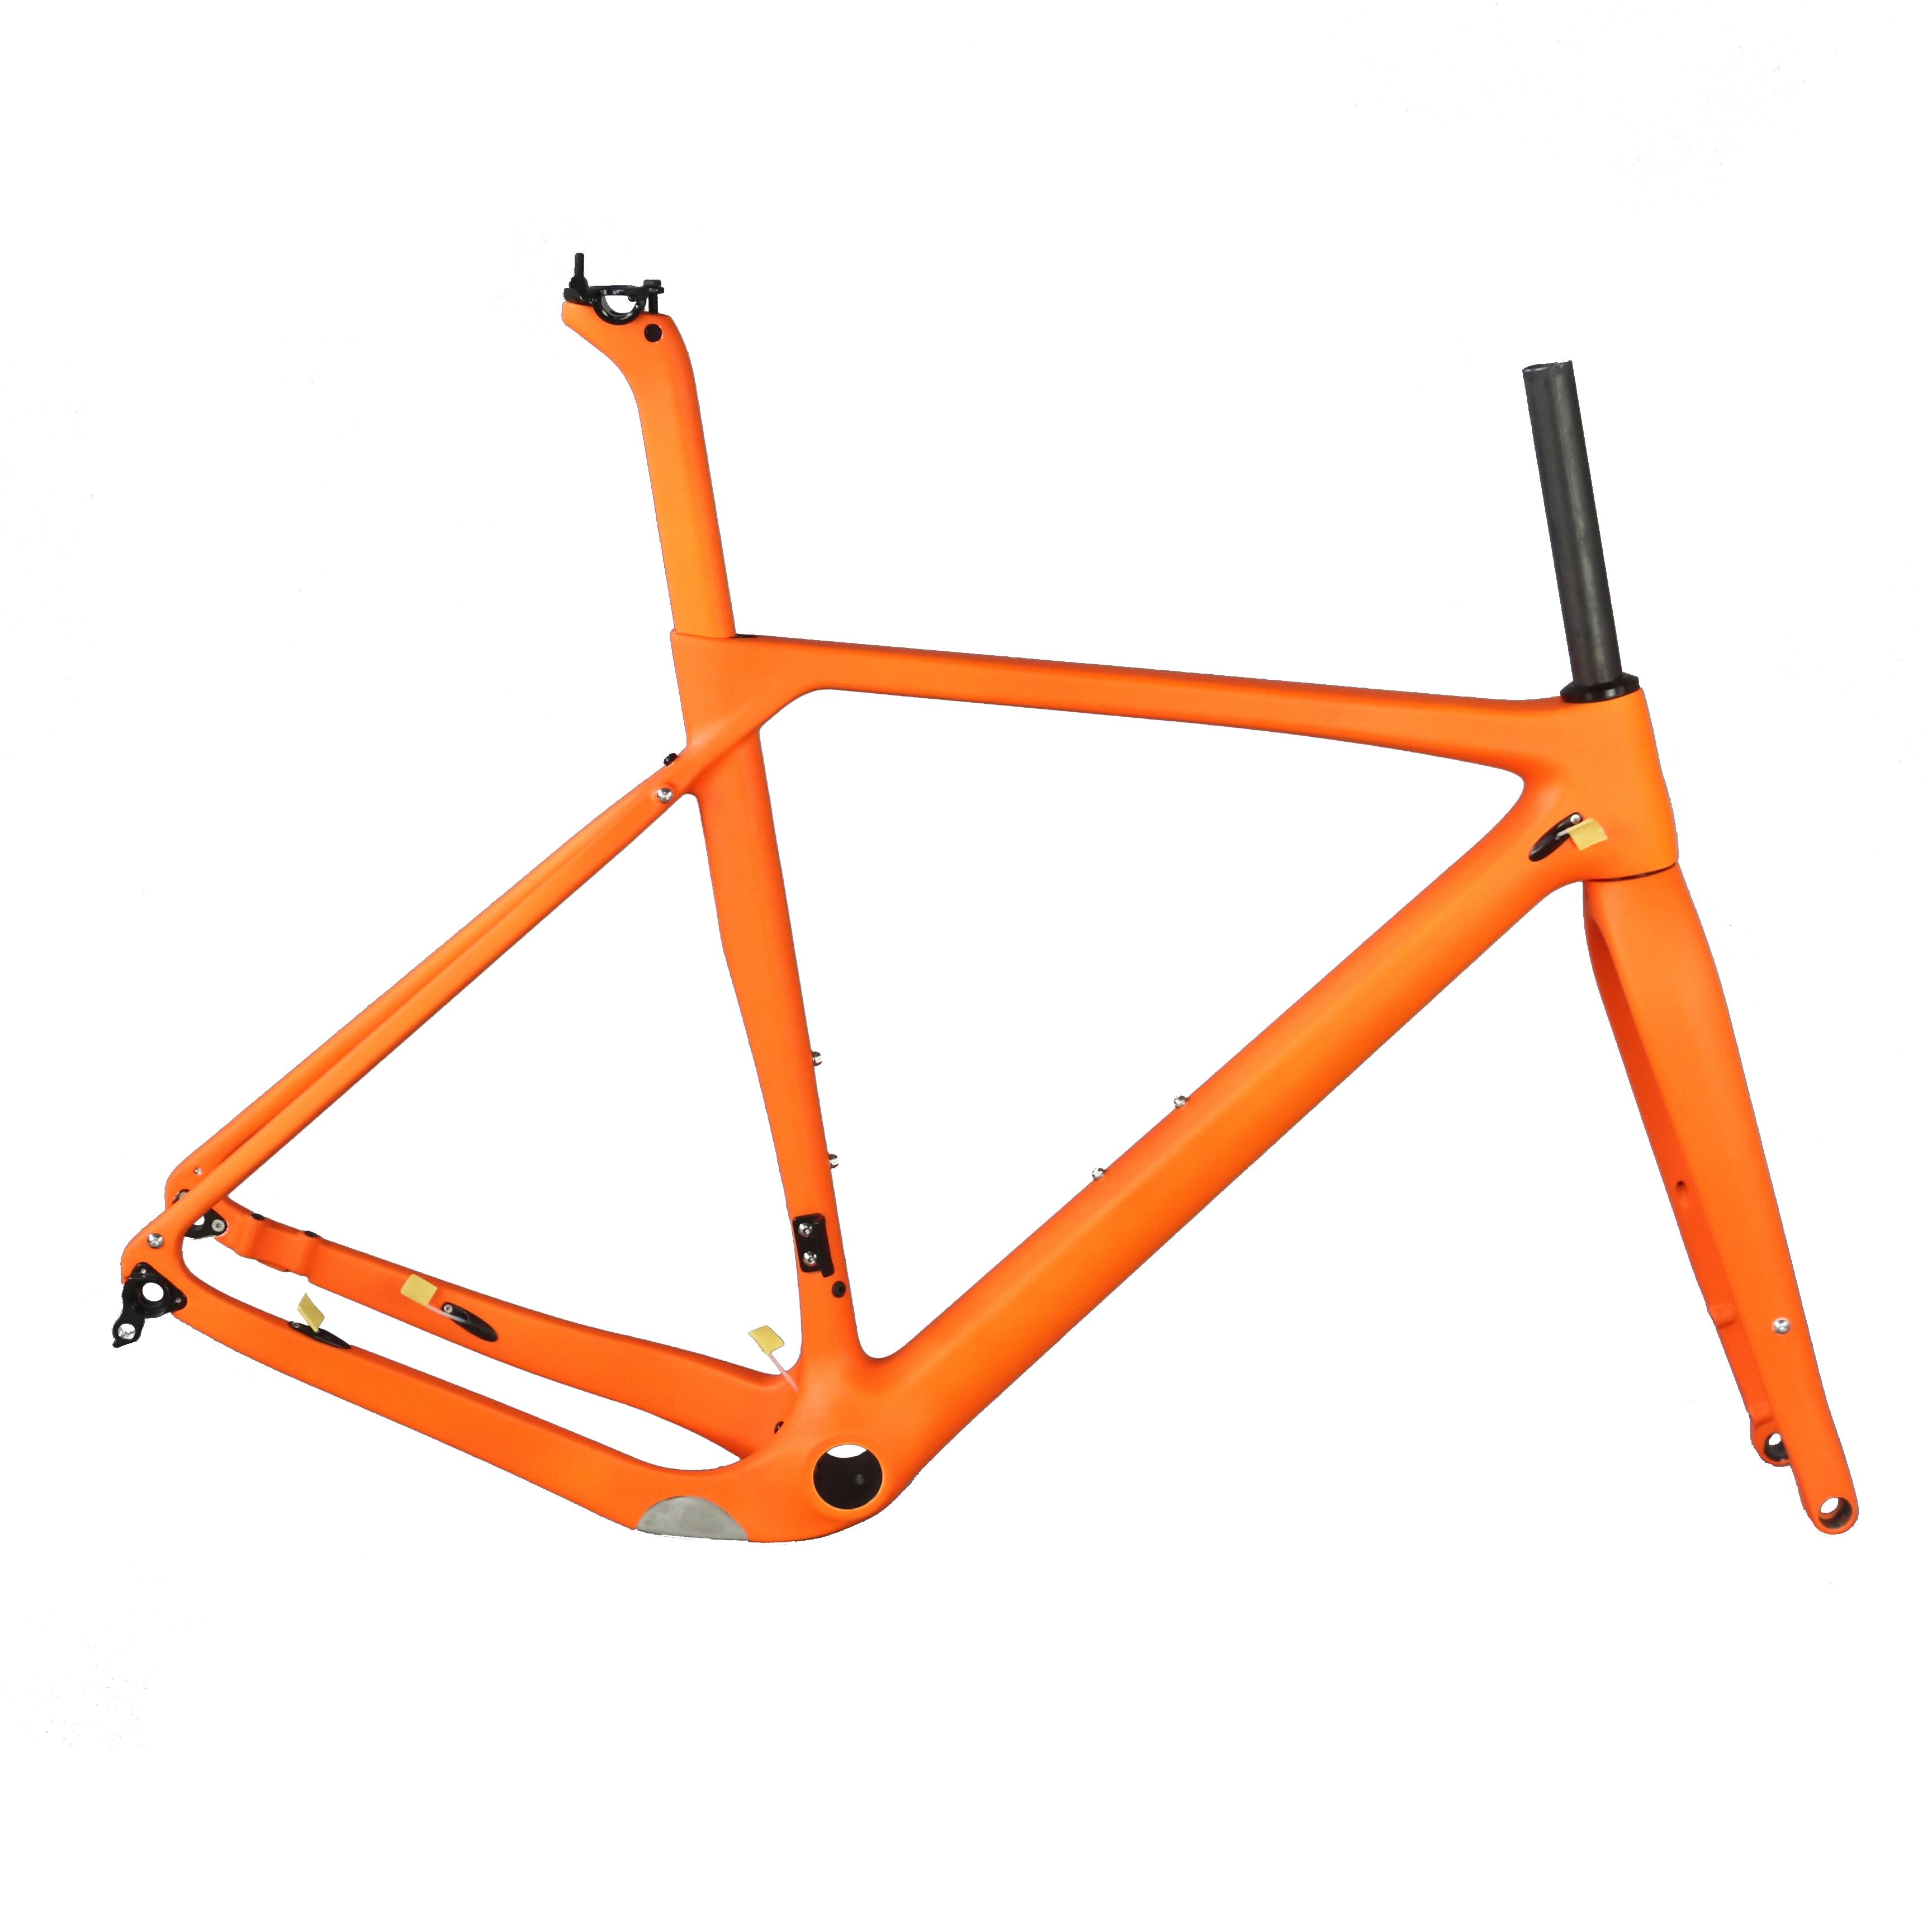 Full Carbon Fiber Gravel Bike Frame GR030, Bike Gravel Bike Frame Factory Accept Custom Paint Orange Frame